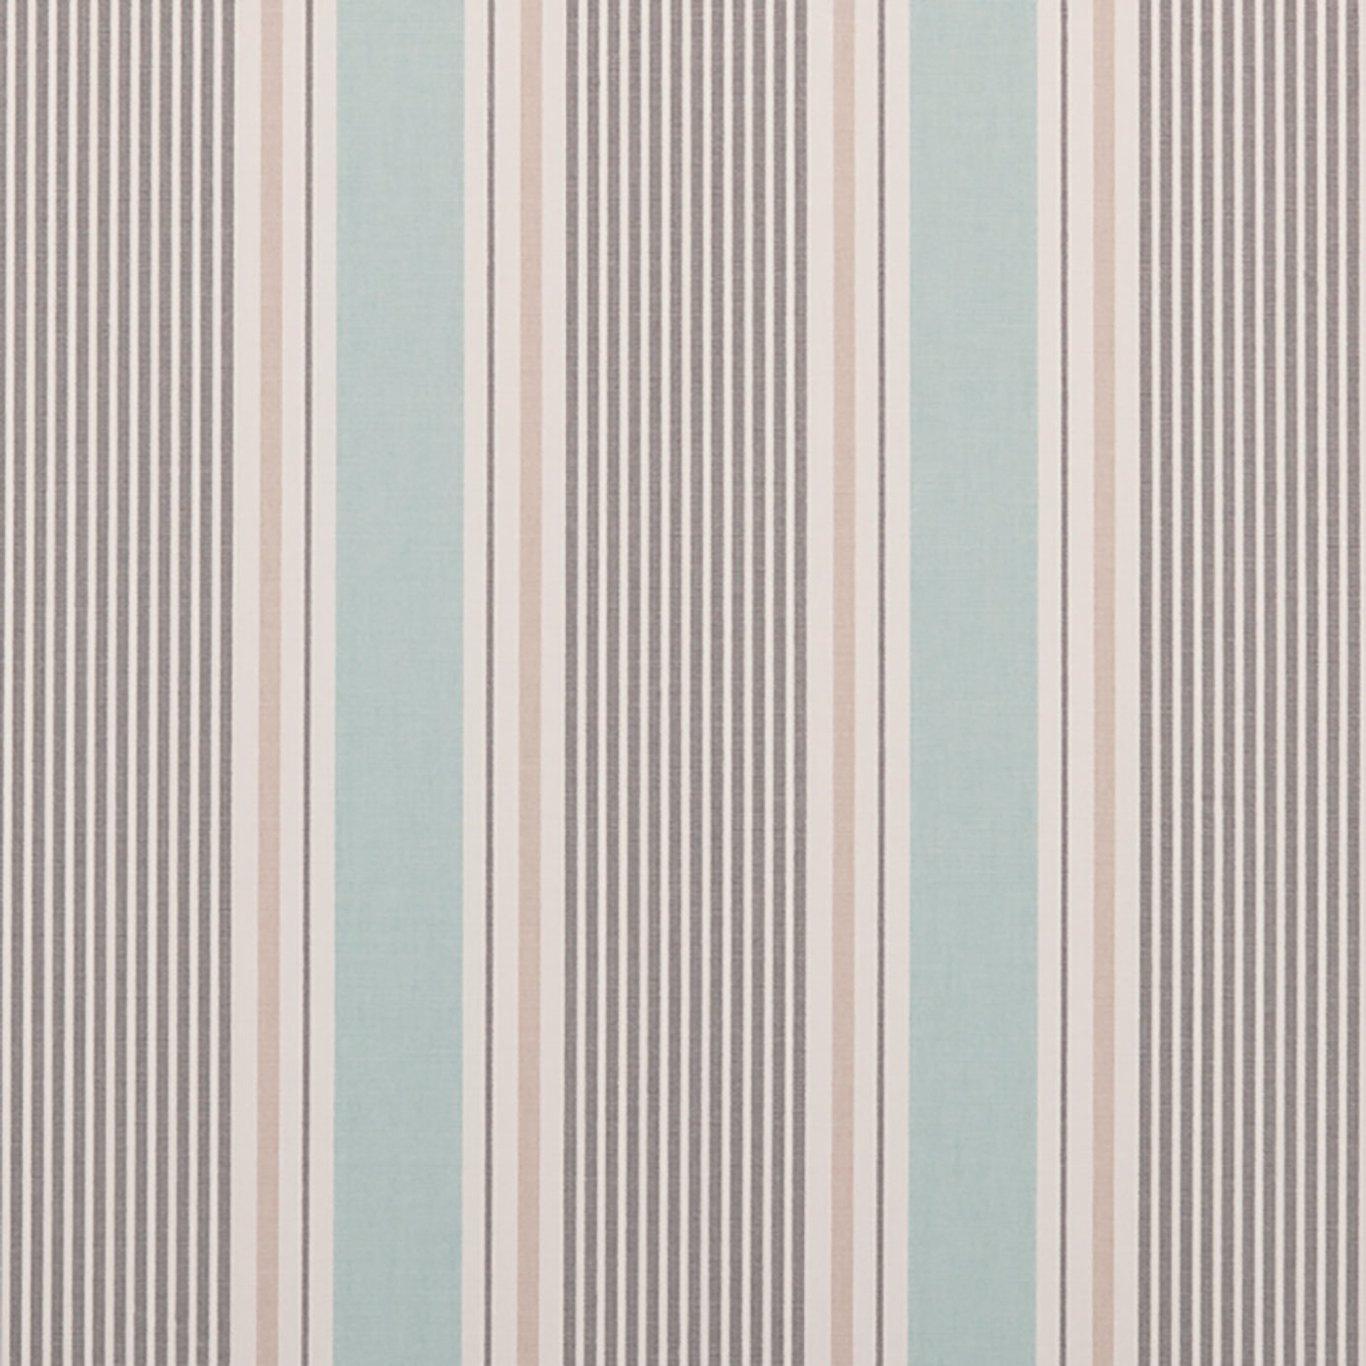 Sail Stripe by STG